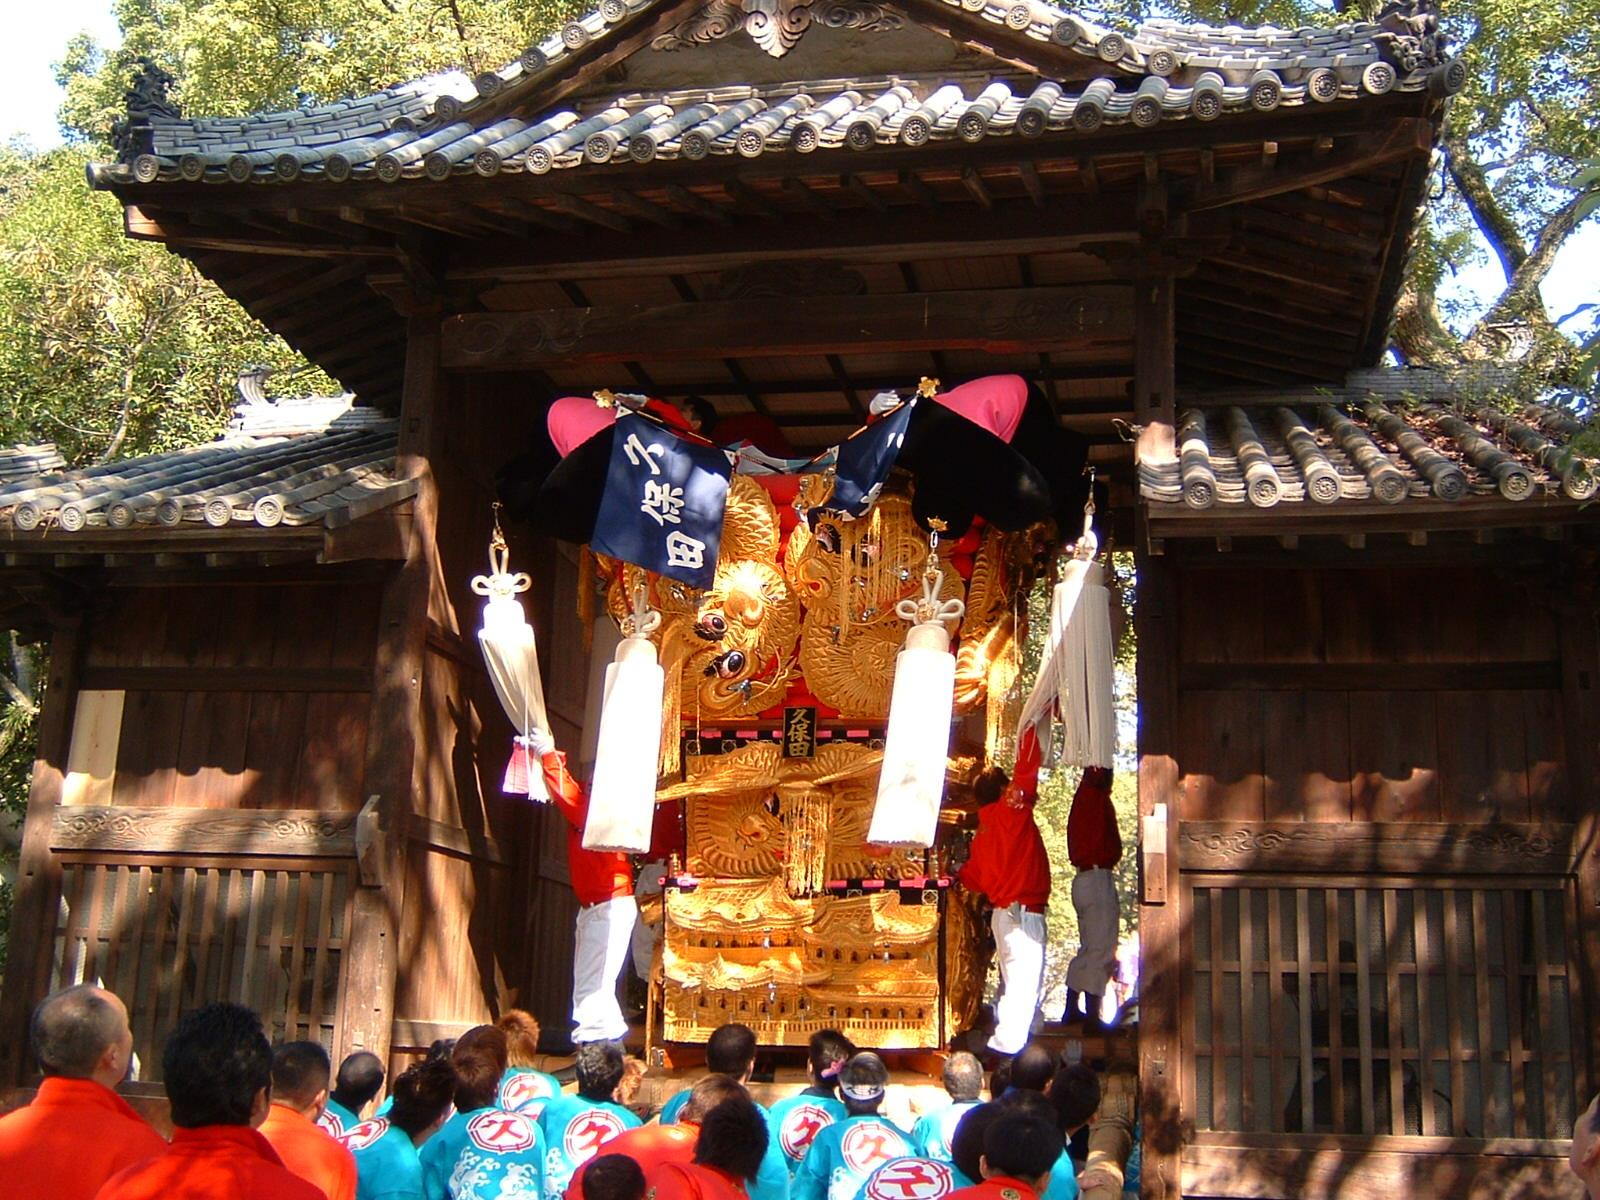 一宮神社の山門をくぐる久保田太鼓台